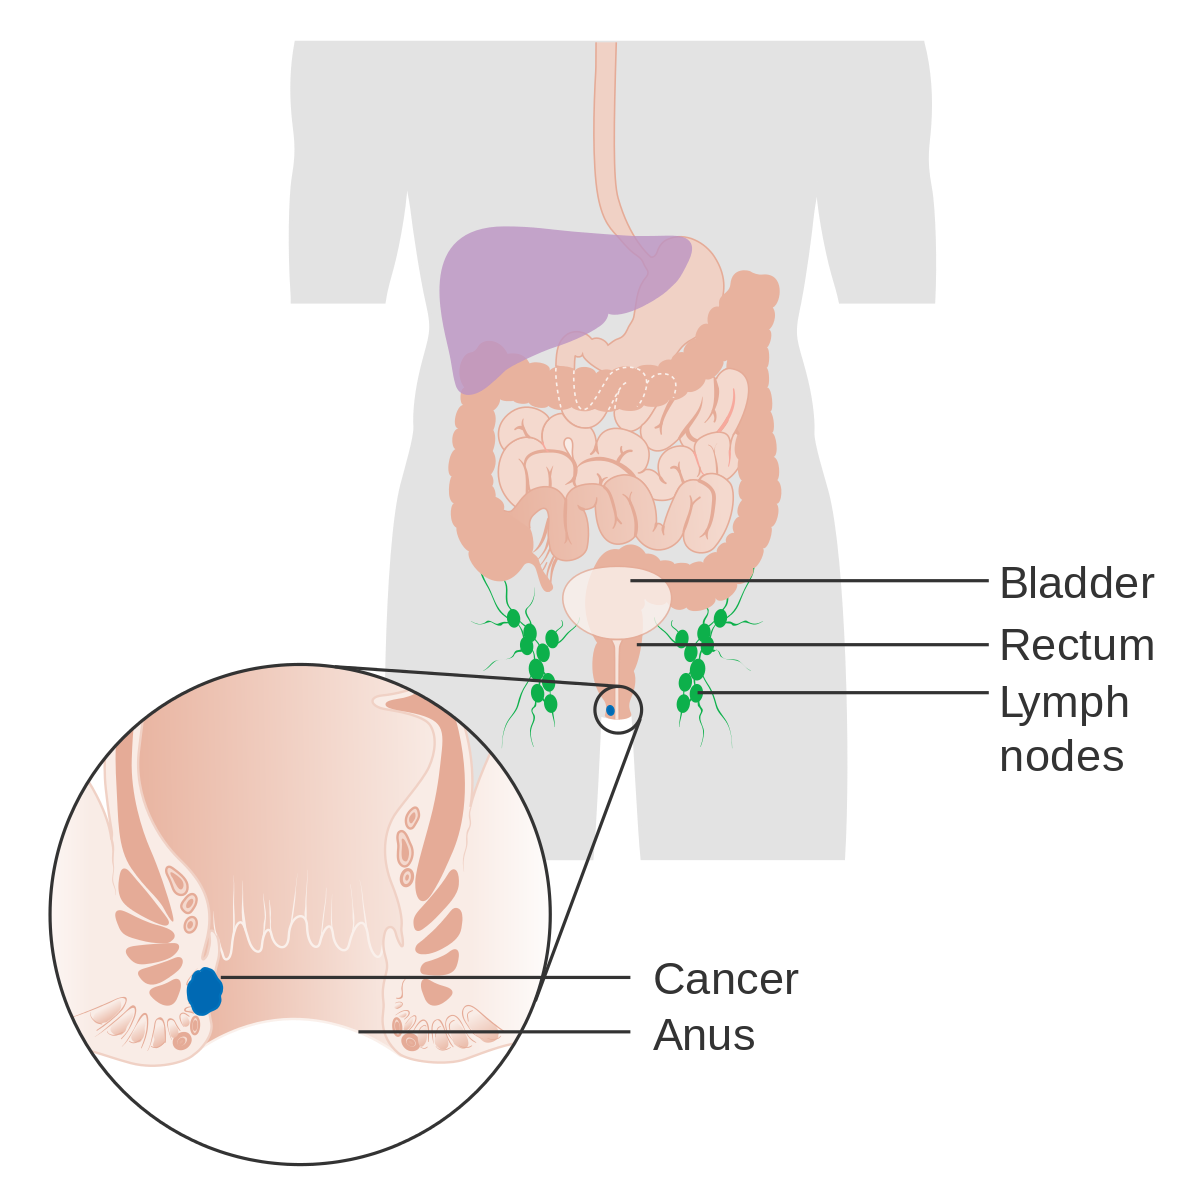 hpv e cancer no homem